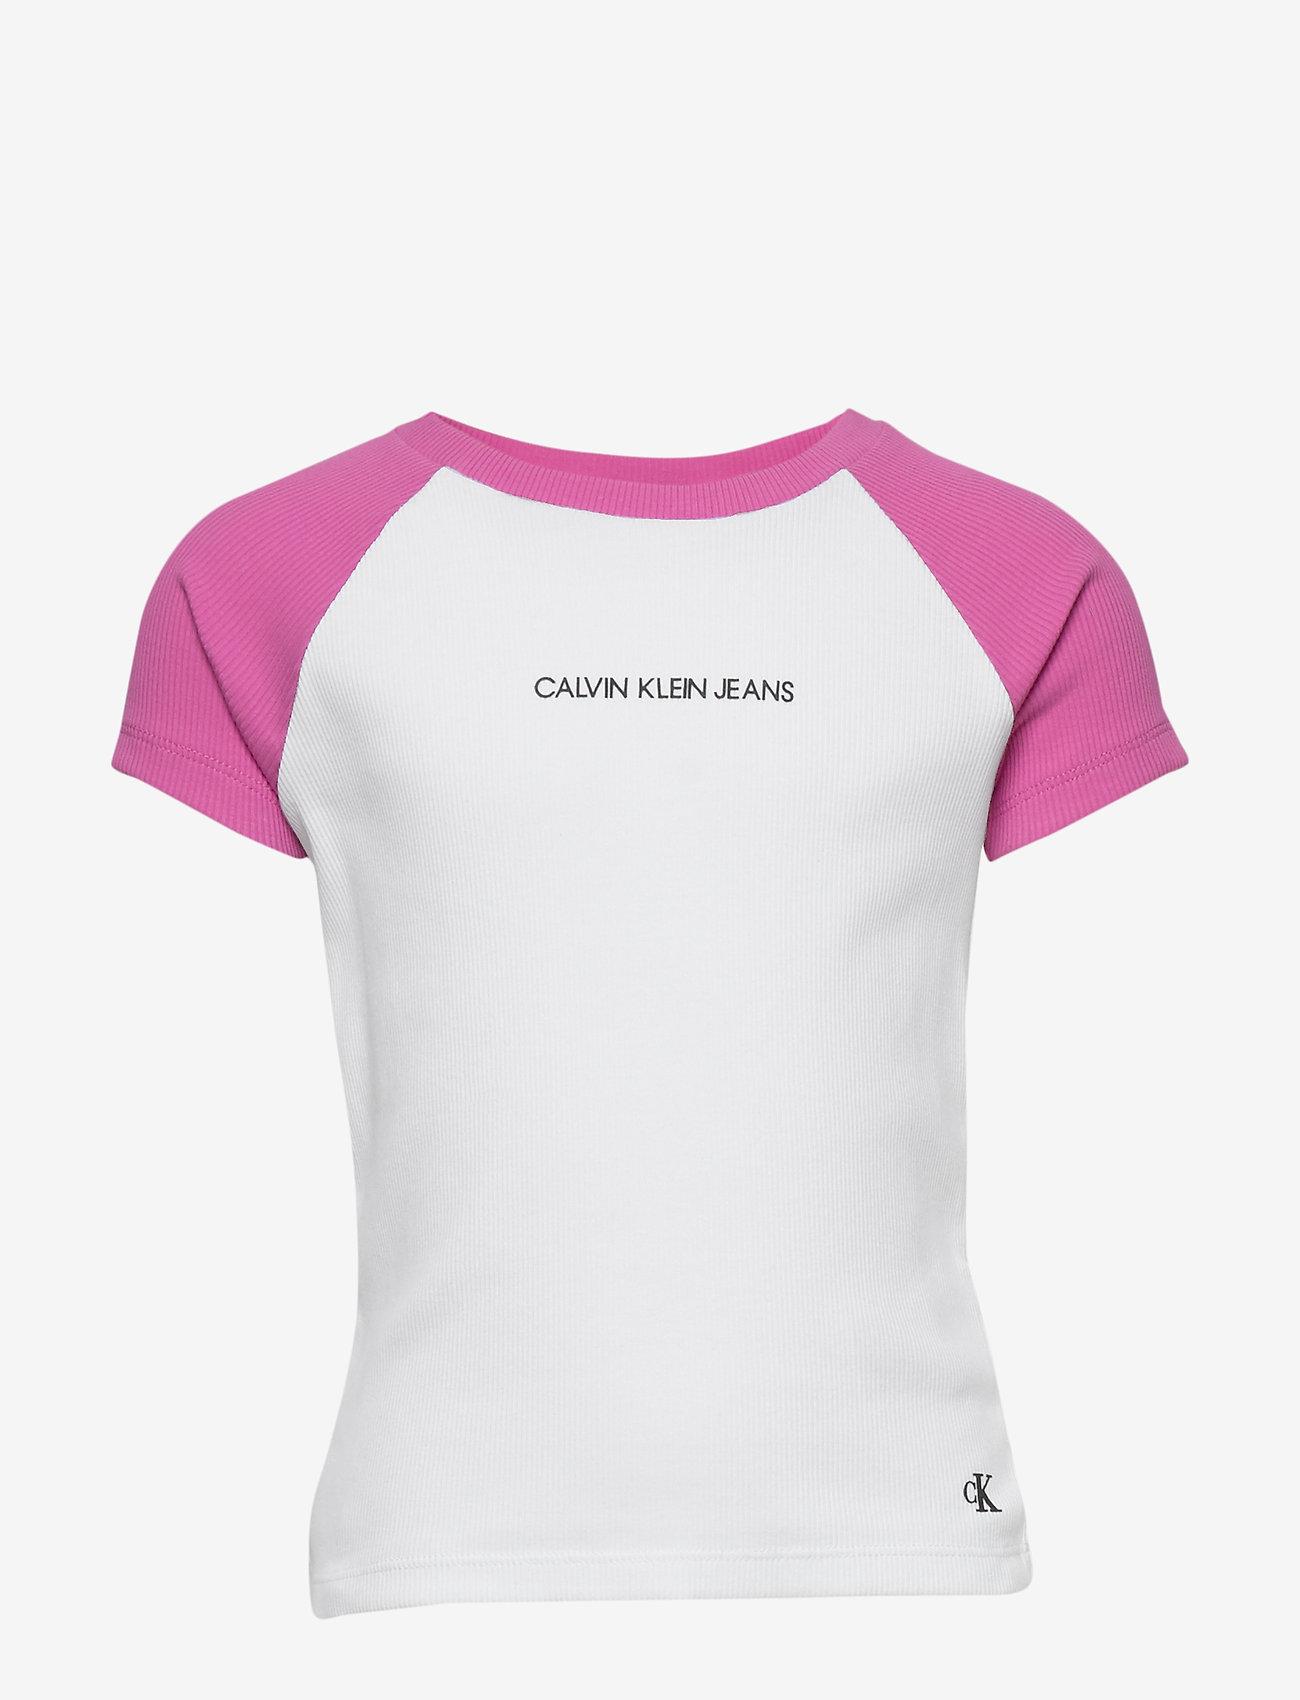 Calvin Klein - COLORBLOCK RIB SS TOP - korte mouwen - vivid pink - 0